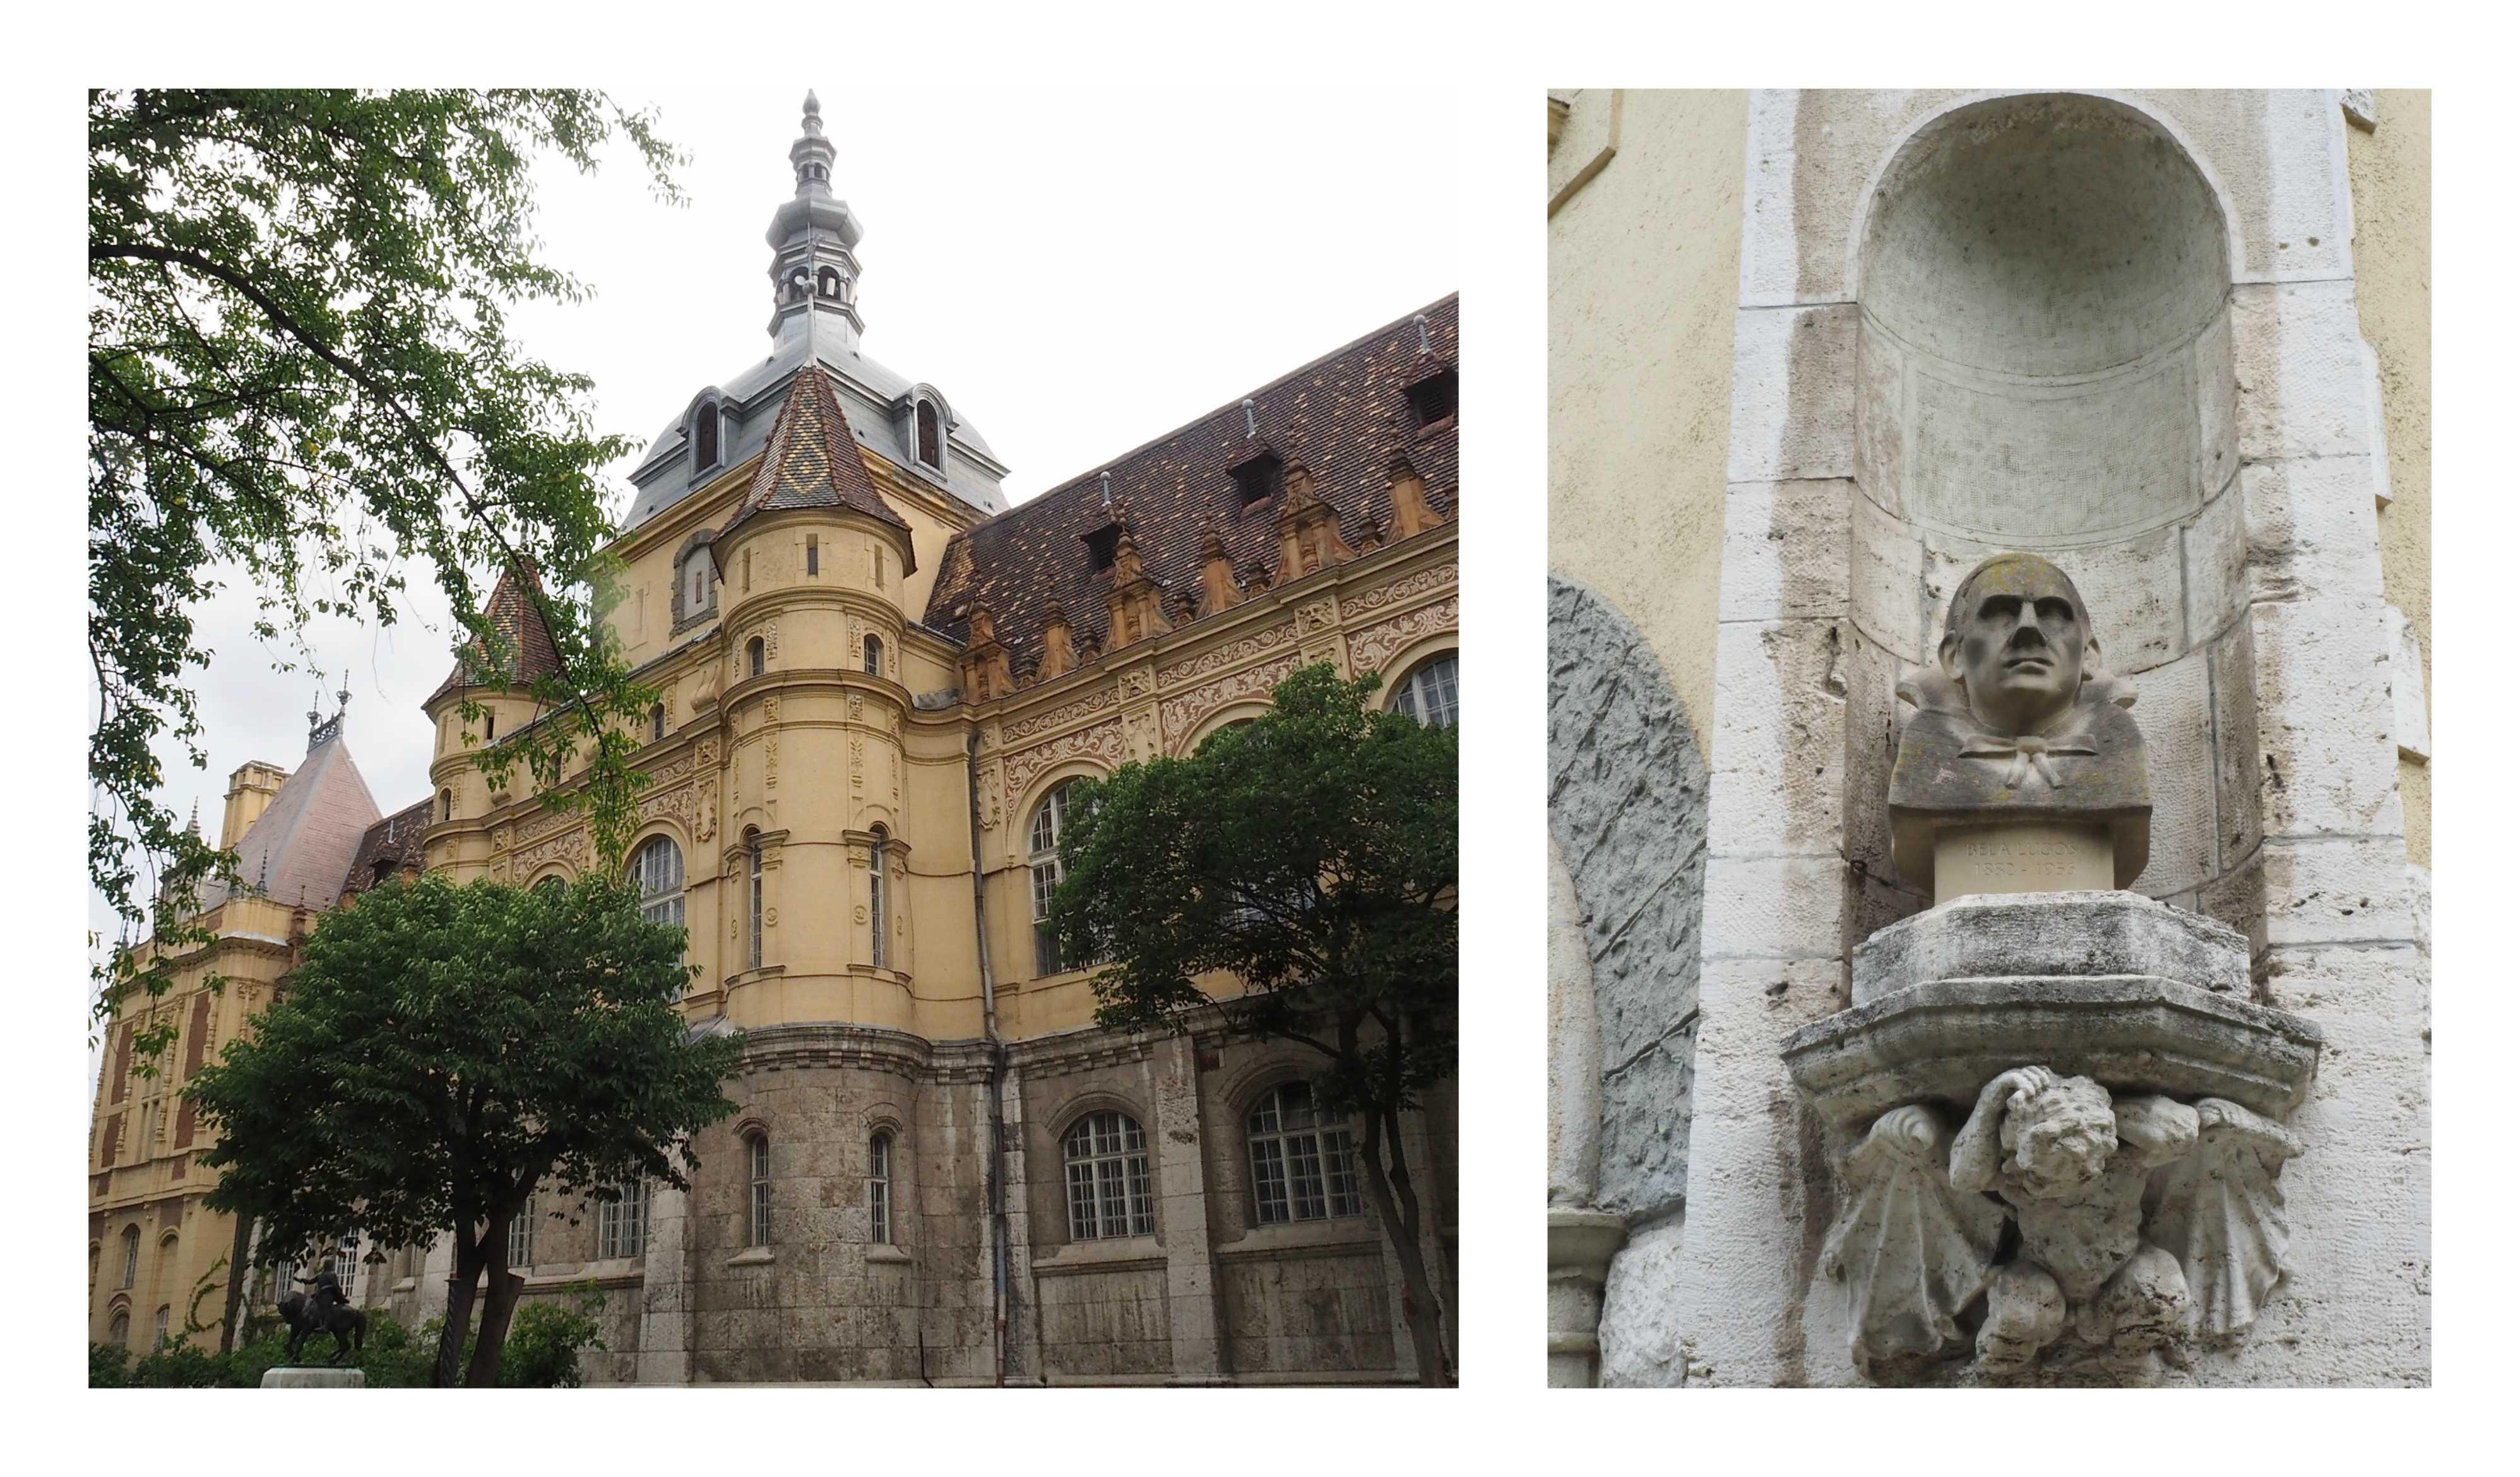 Visite de Budapest en famille, itinéraire sur 5 jours - Balade dans le quartier du Bois de la ville - Château Vajdahunyad